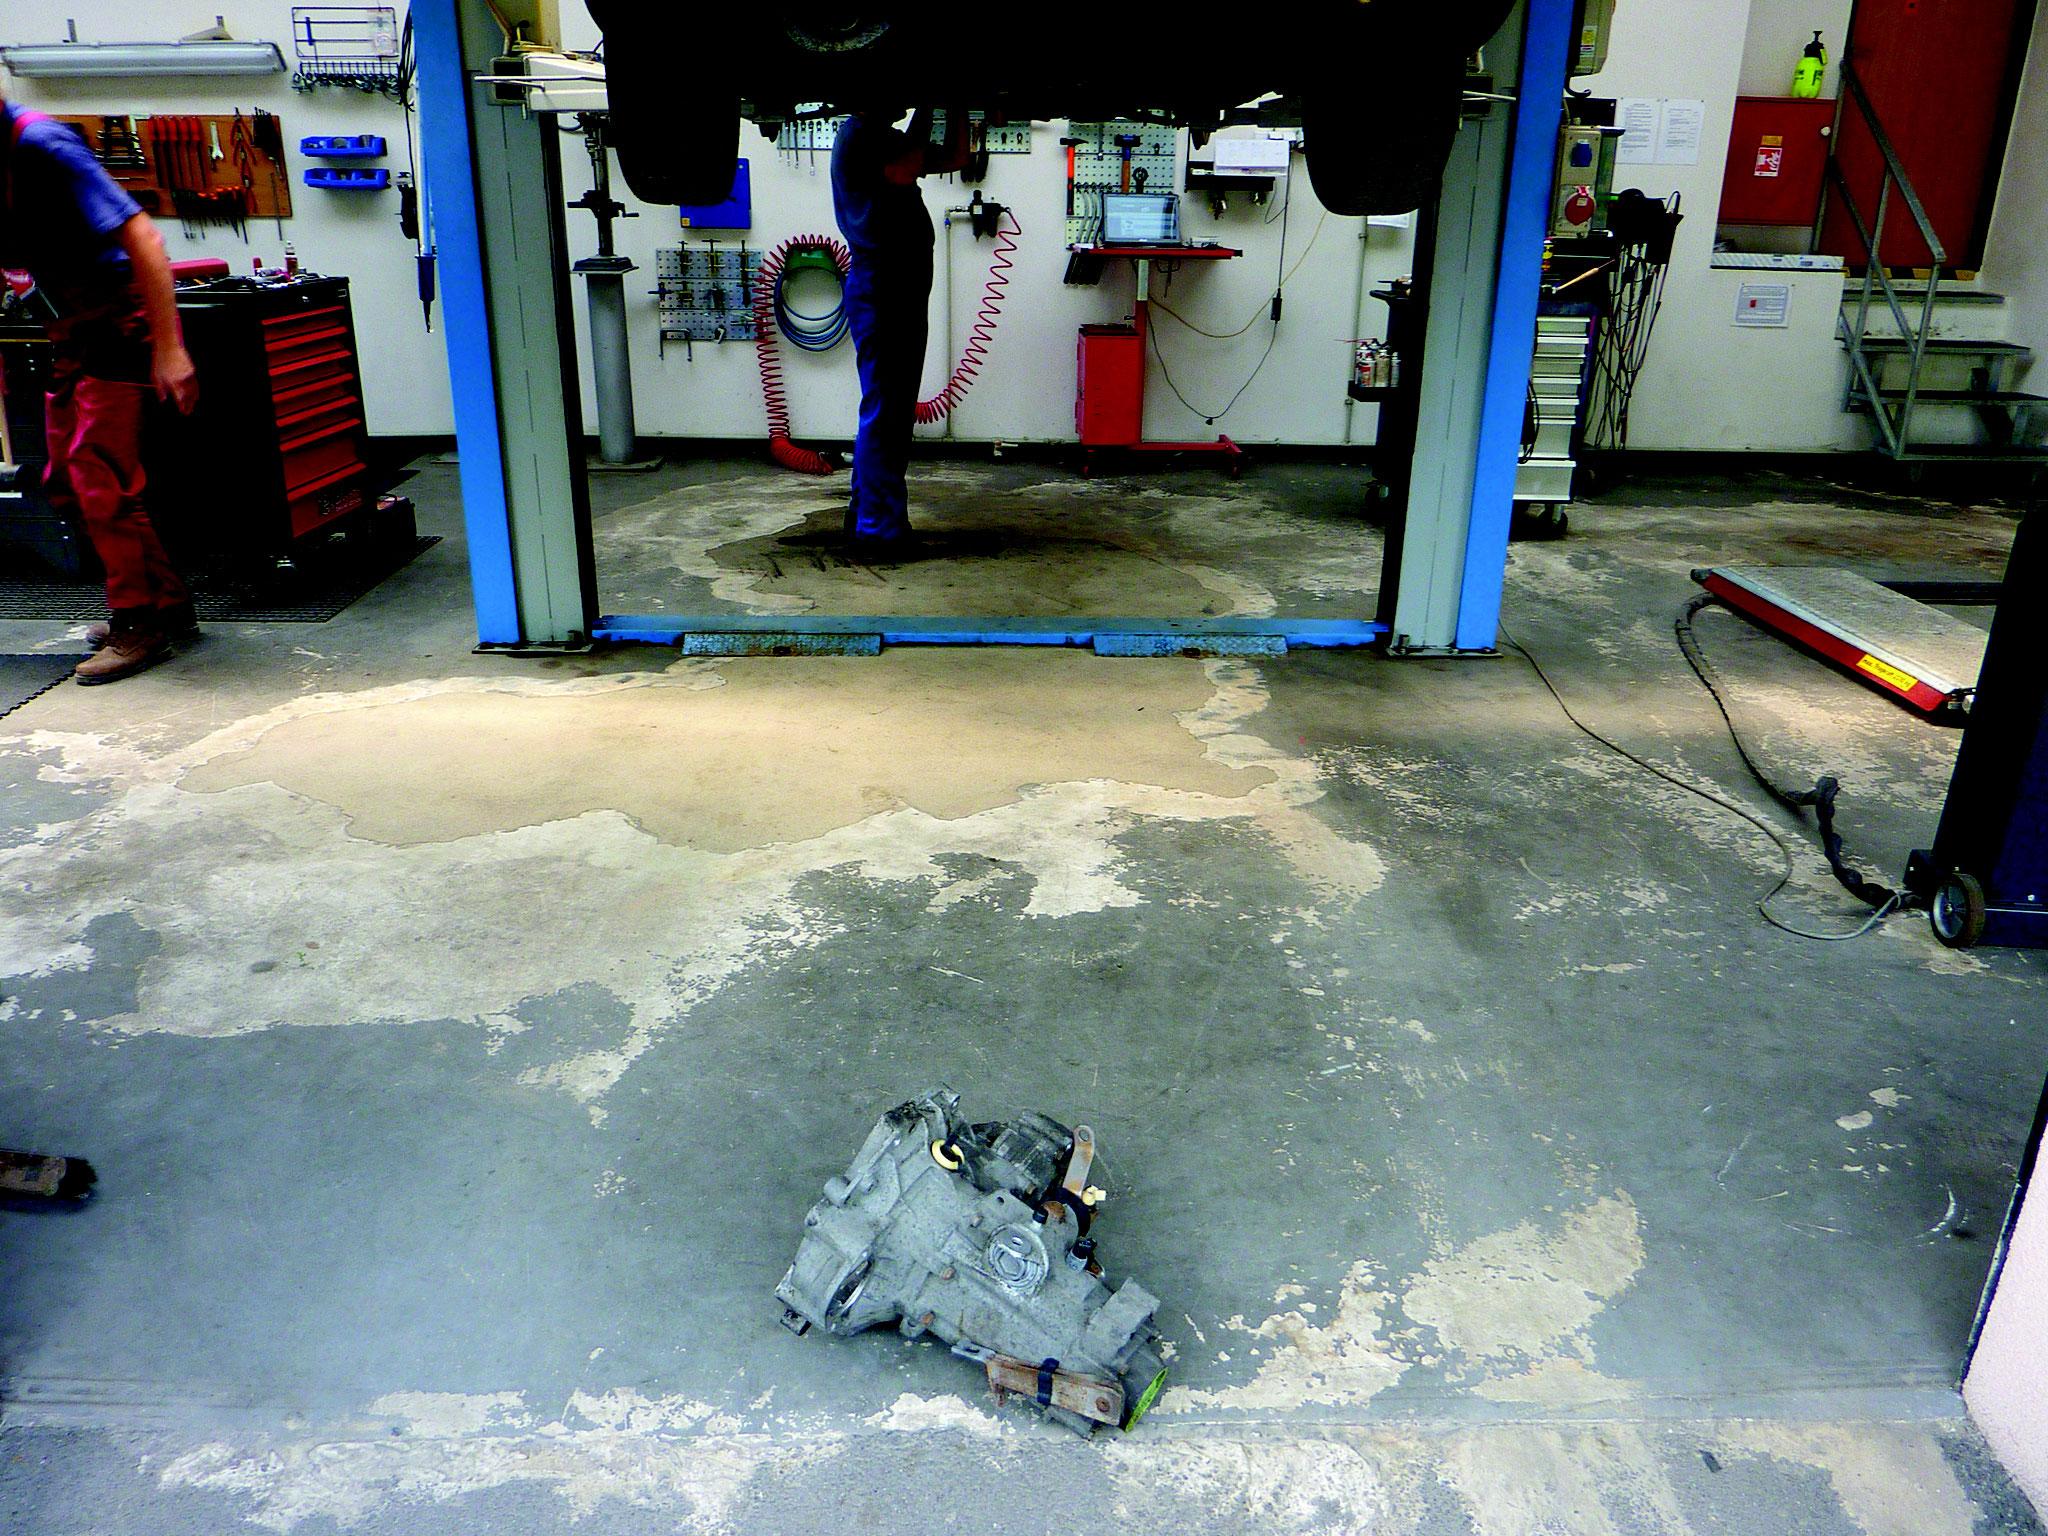 Fortelock werkstattboden raumprojekt63 endingen 72336 balingen ausstellung verkauf fliesen - Fliesen losen ohne beschadigung ...